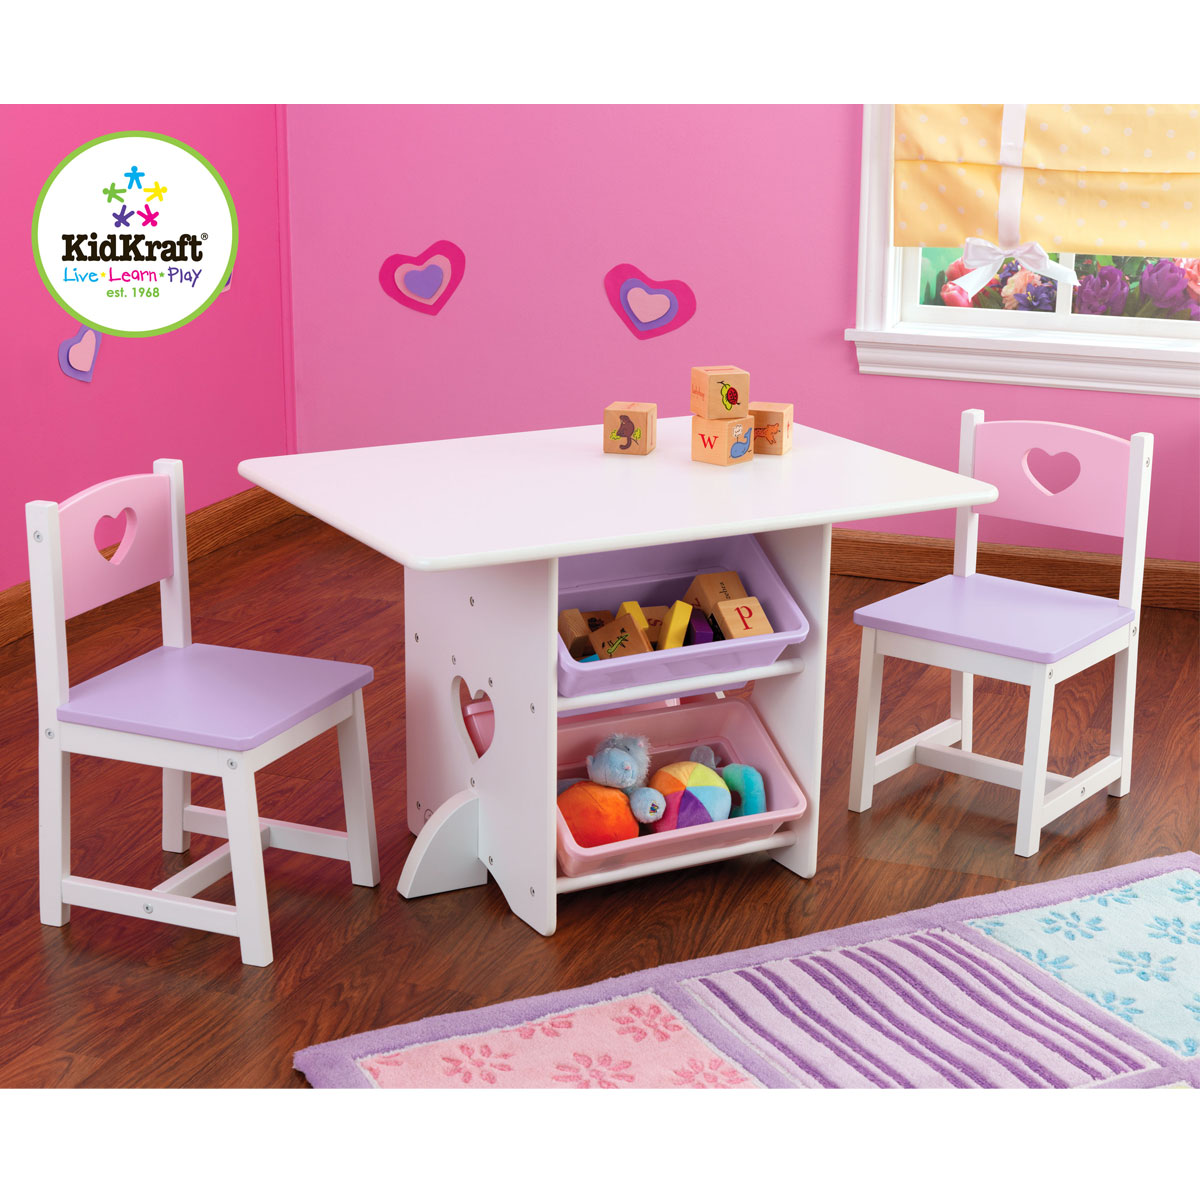 Kidkraft 26913 heart set tavolo e sedia per bambini con - Tavolo contenitore bambini ...